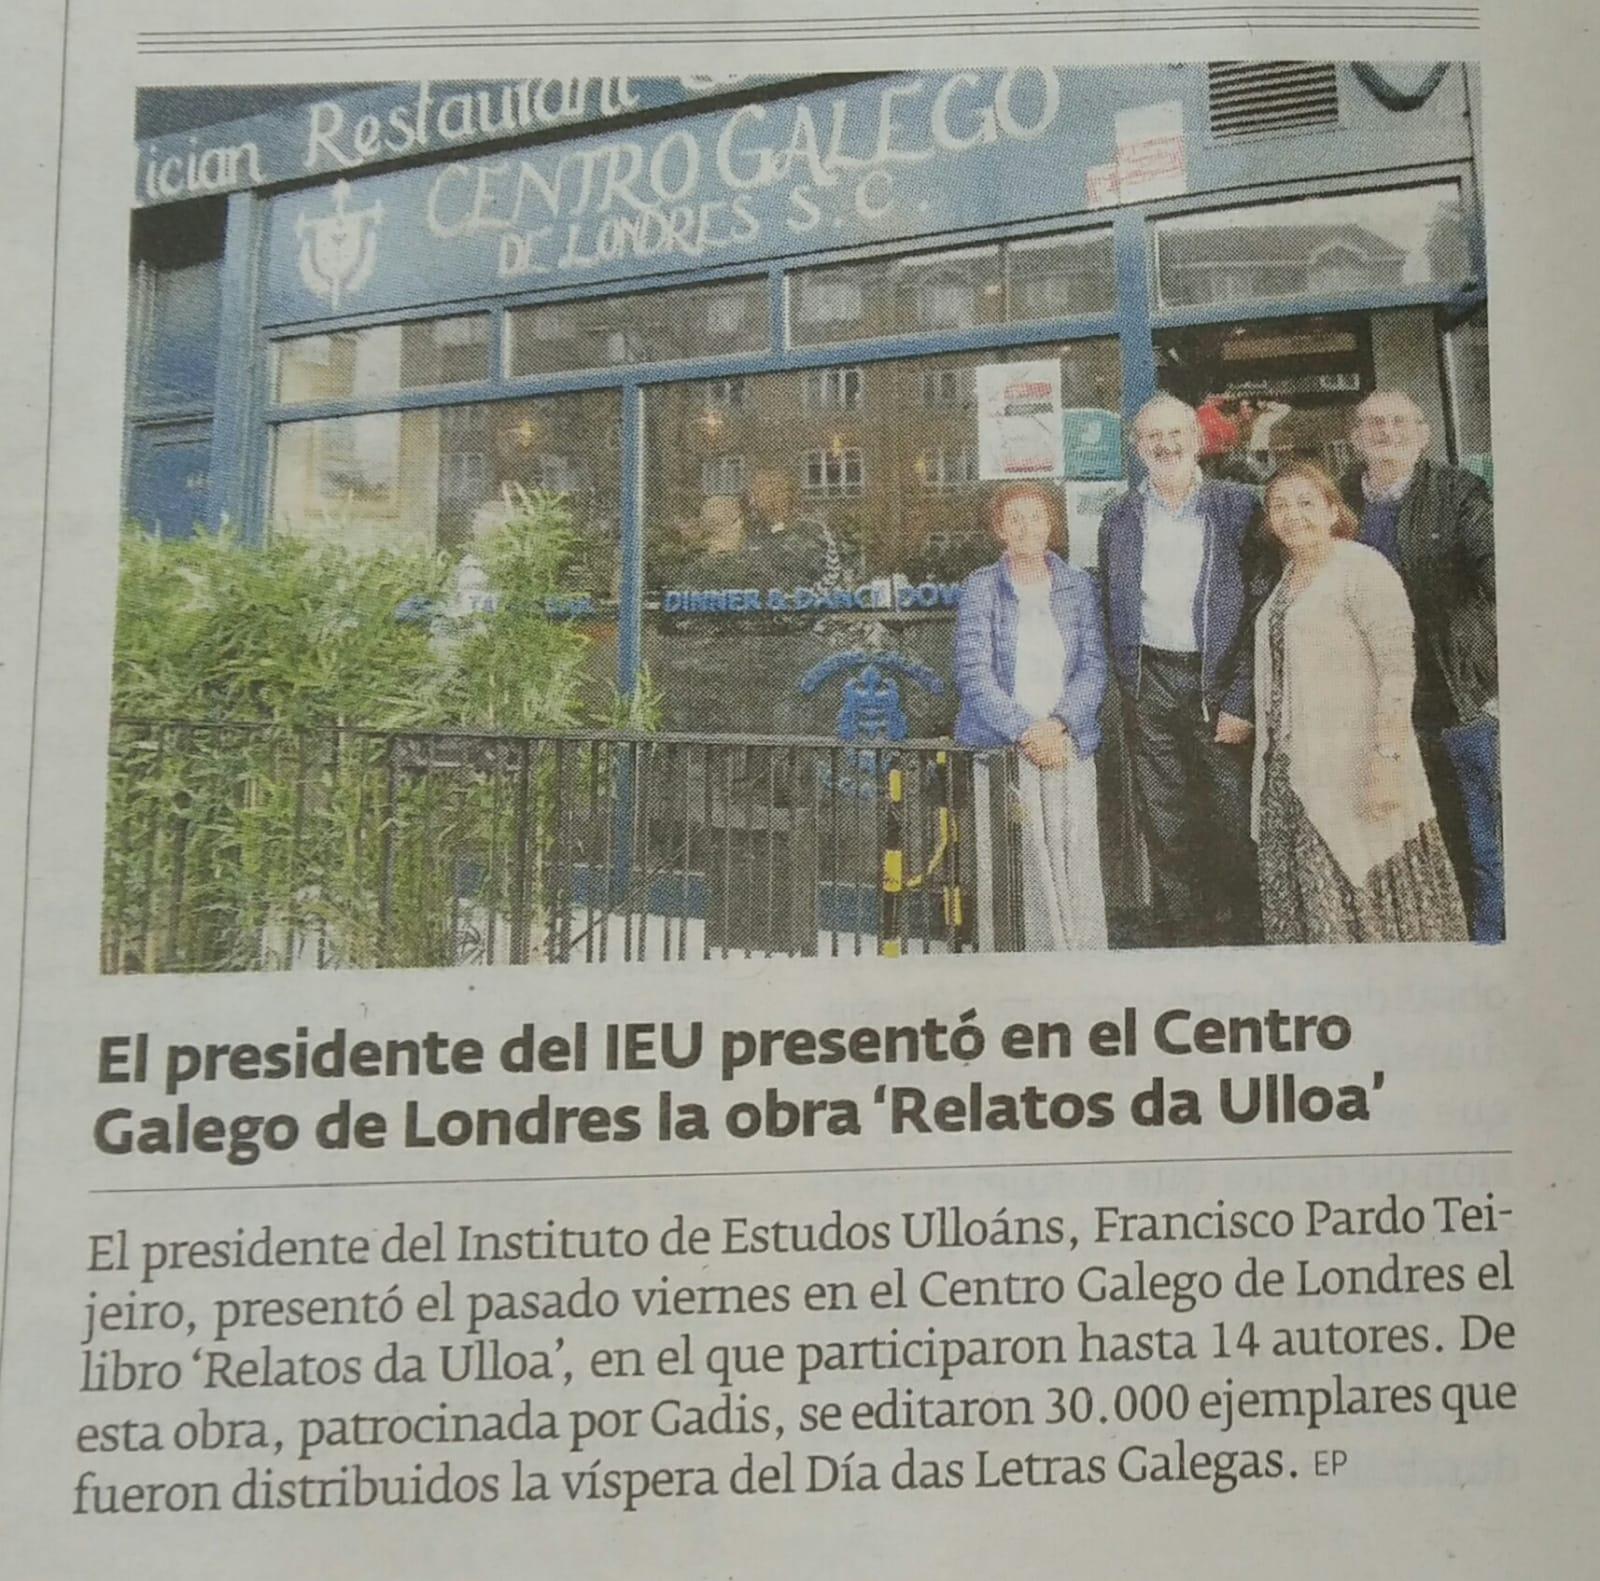 El Progreso 11 set 2019, Presentación Relatos da Ulloa no Centro Galego de Londres, Instituuto de Estudos Ulloáns